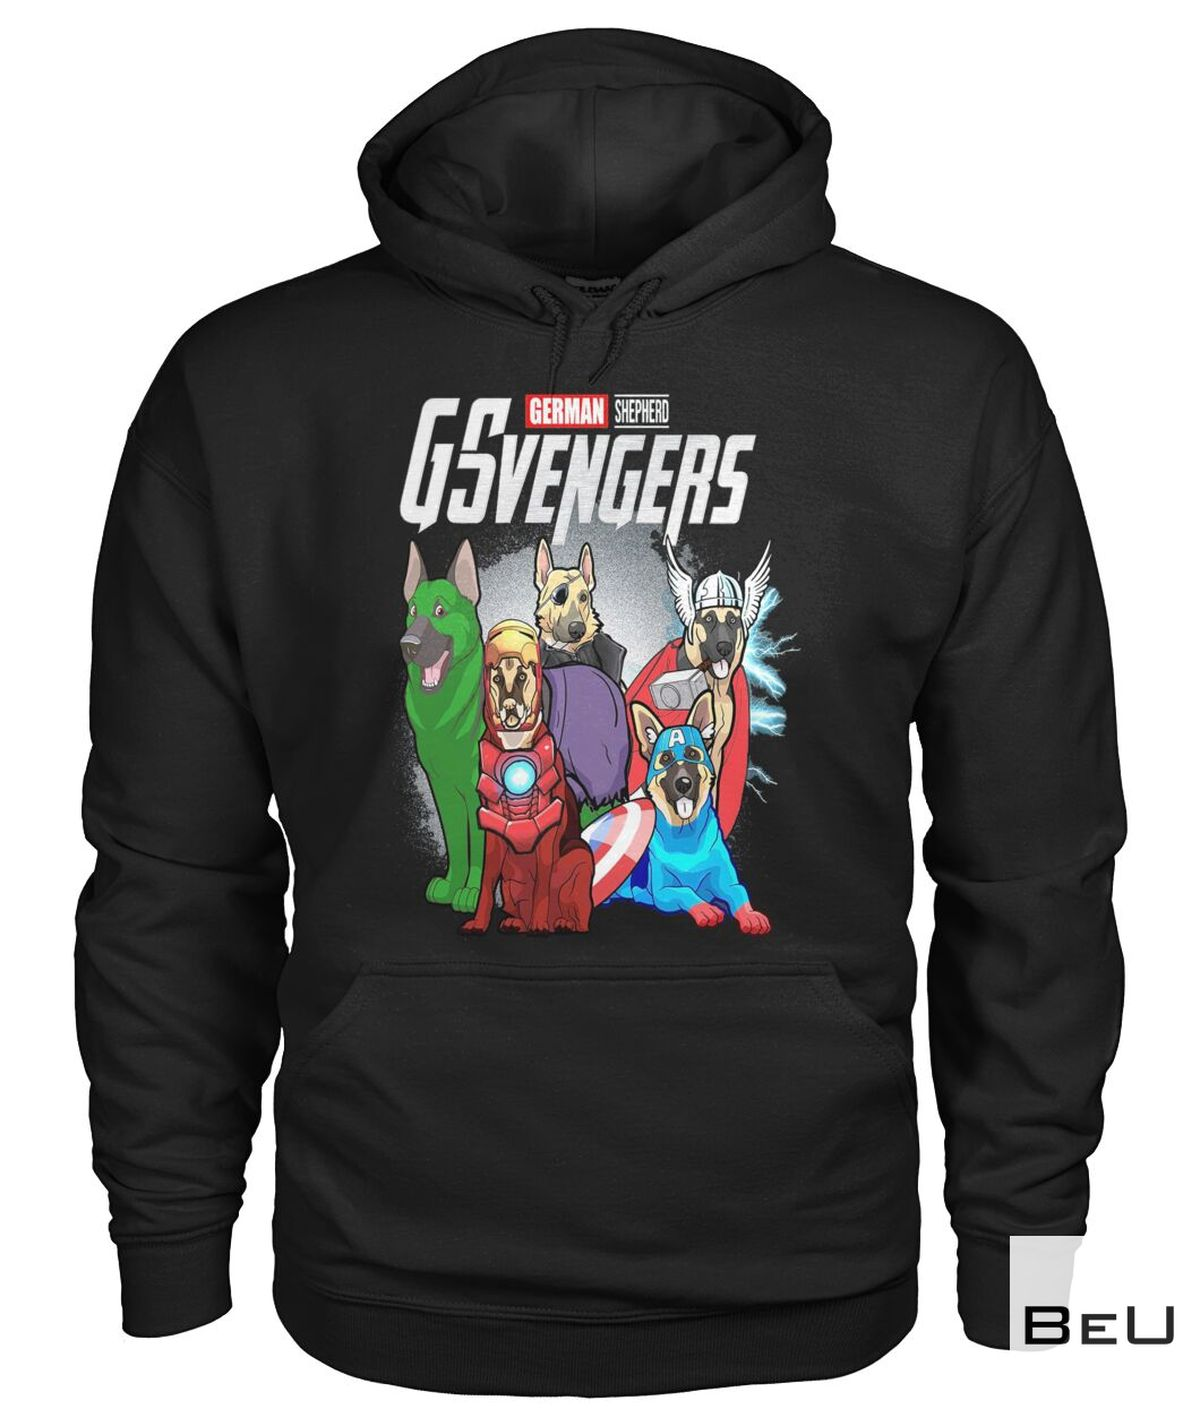 German Shepherd Gvengers Avengers Shirtz